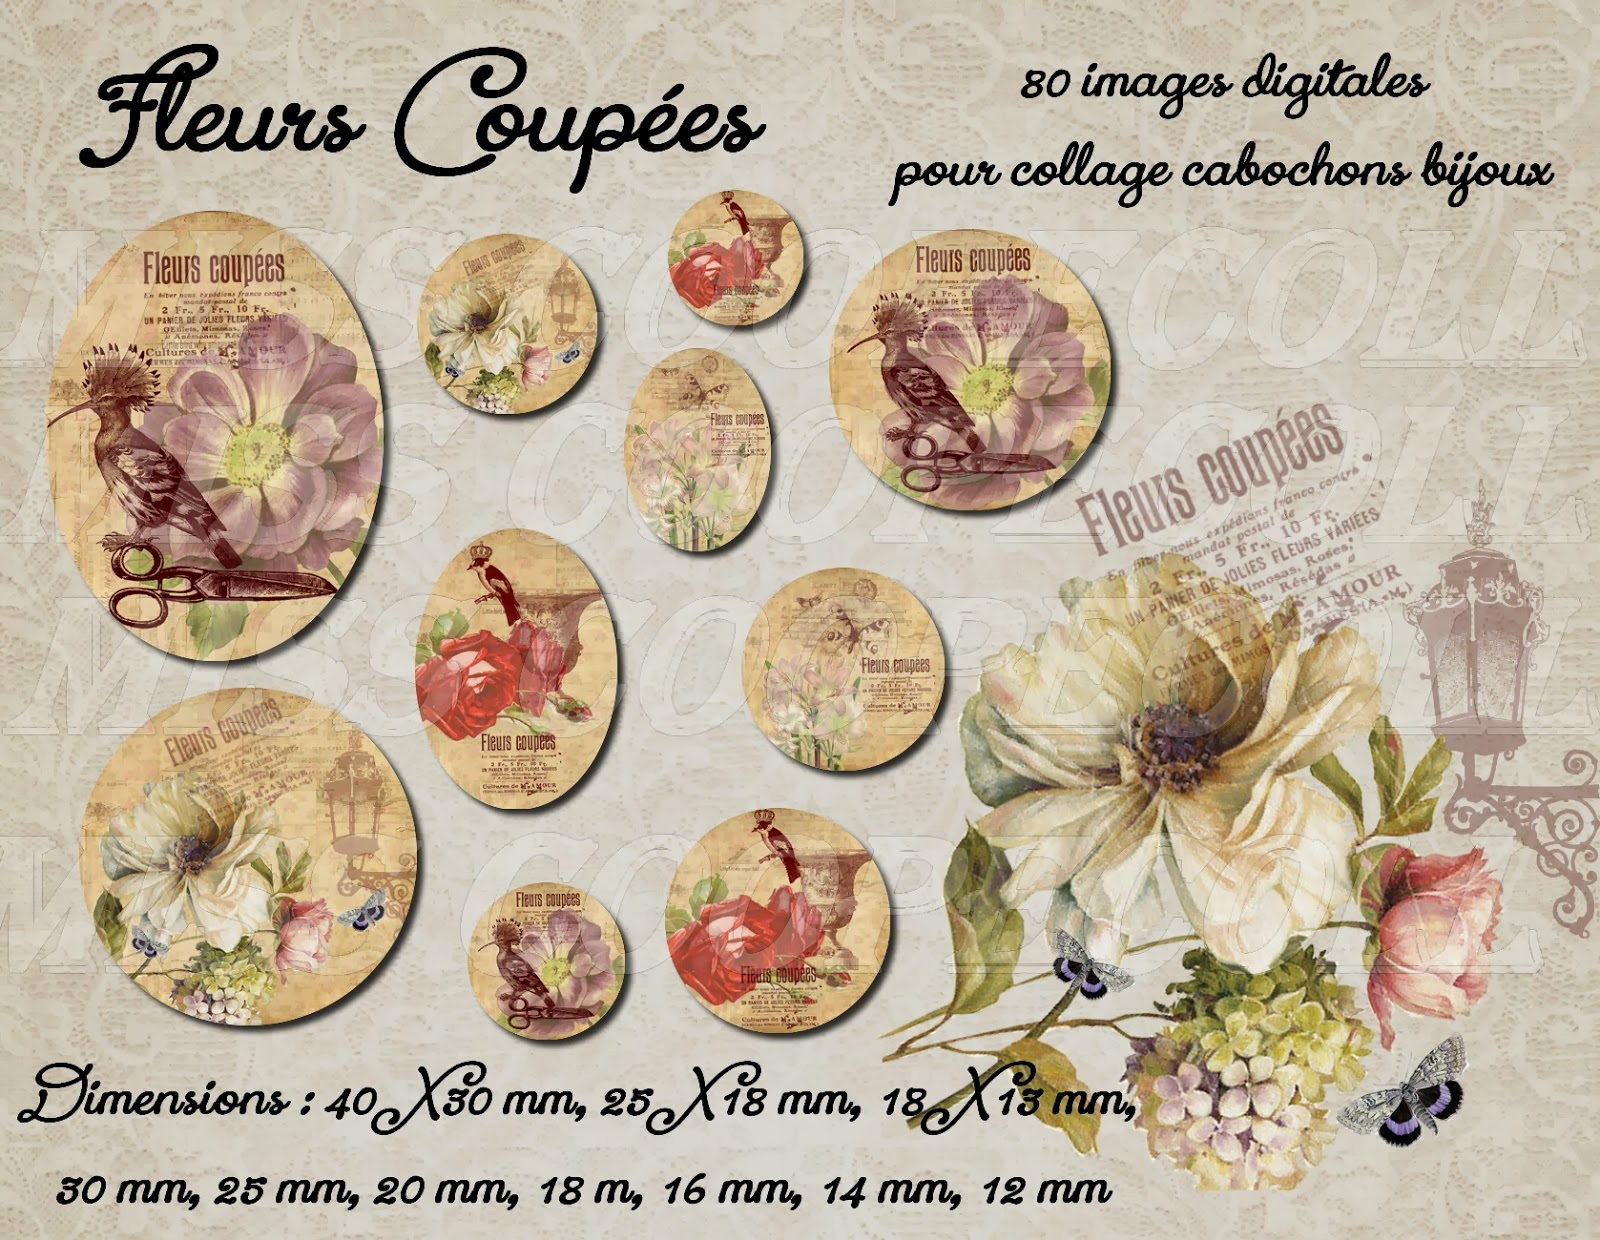 http://www.alittlemarket.com/loisirs-creatifs-scrapbooking/nouveaute_80_images_pour_collage_digital_cabochons_bijoux_fleurs_coupees_envoi_par_mail-6914901.html